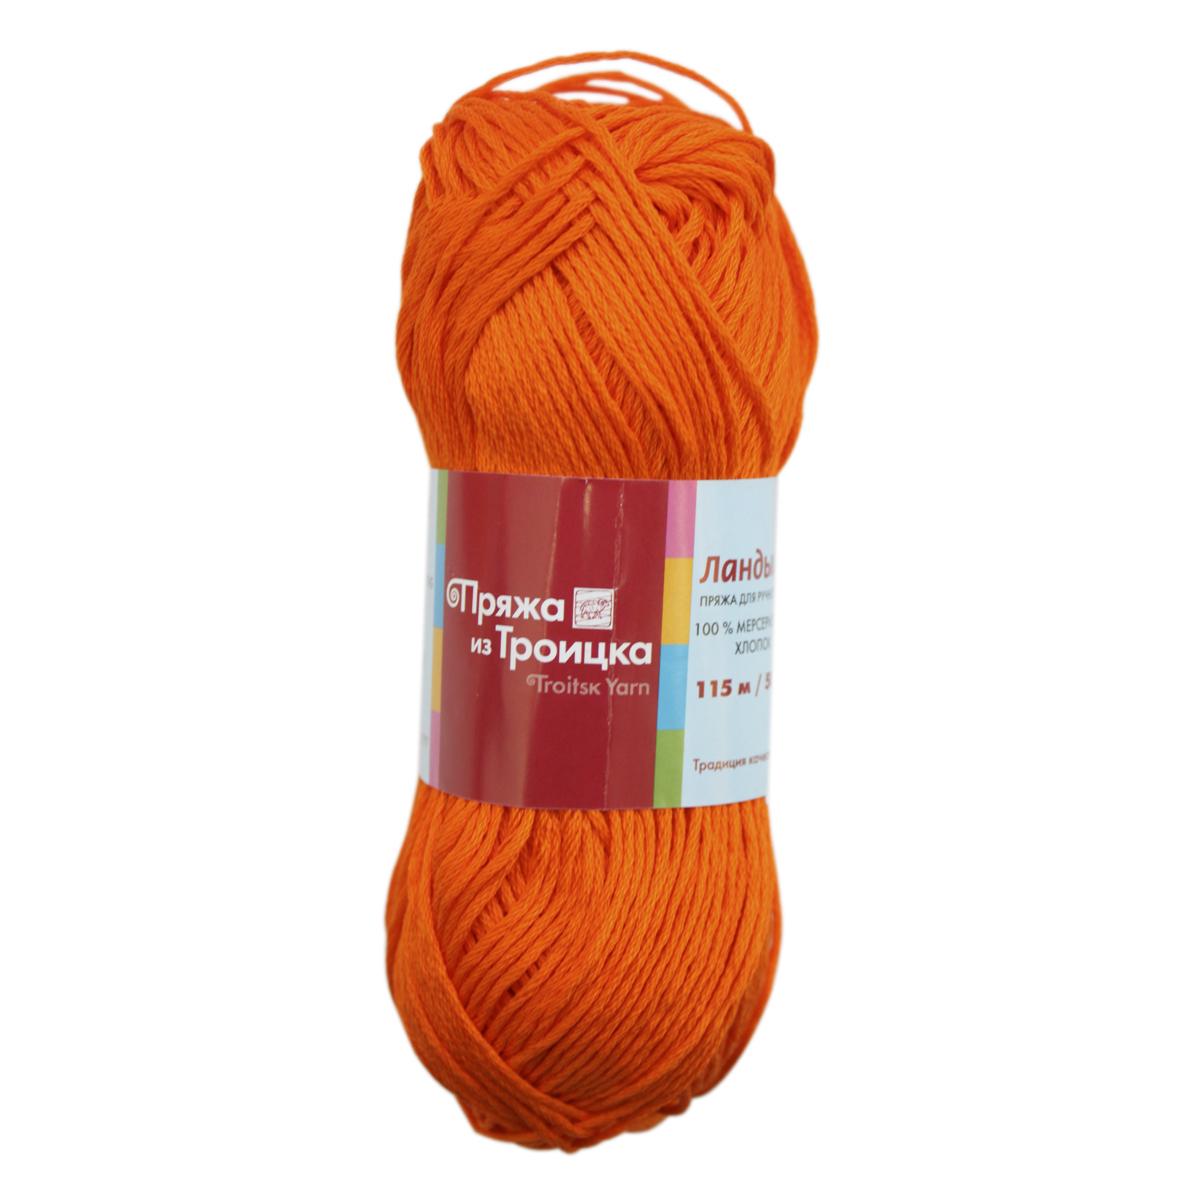 Пряжа для вязания Ландыш, 50 г, 115 м, цвет: 0490 ярко-оранжевый, 10 шт366131_0490